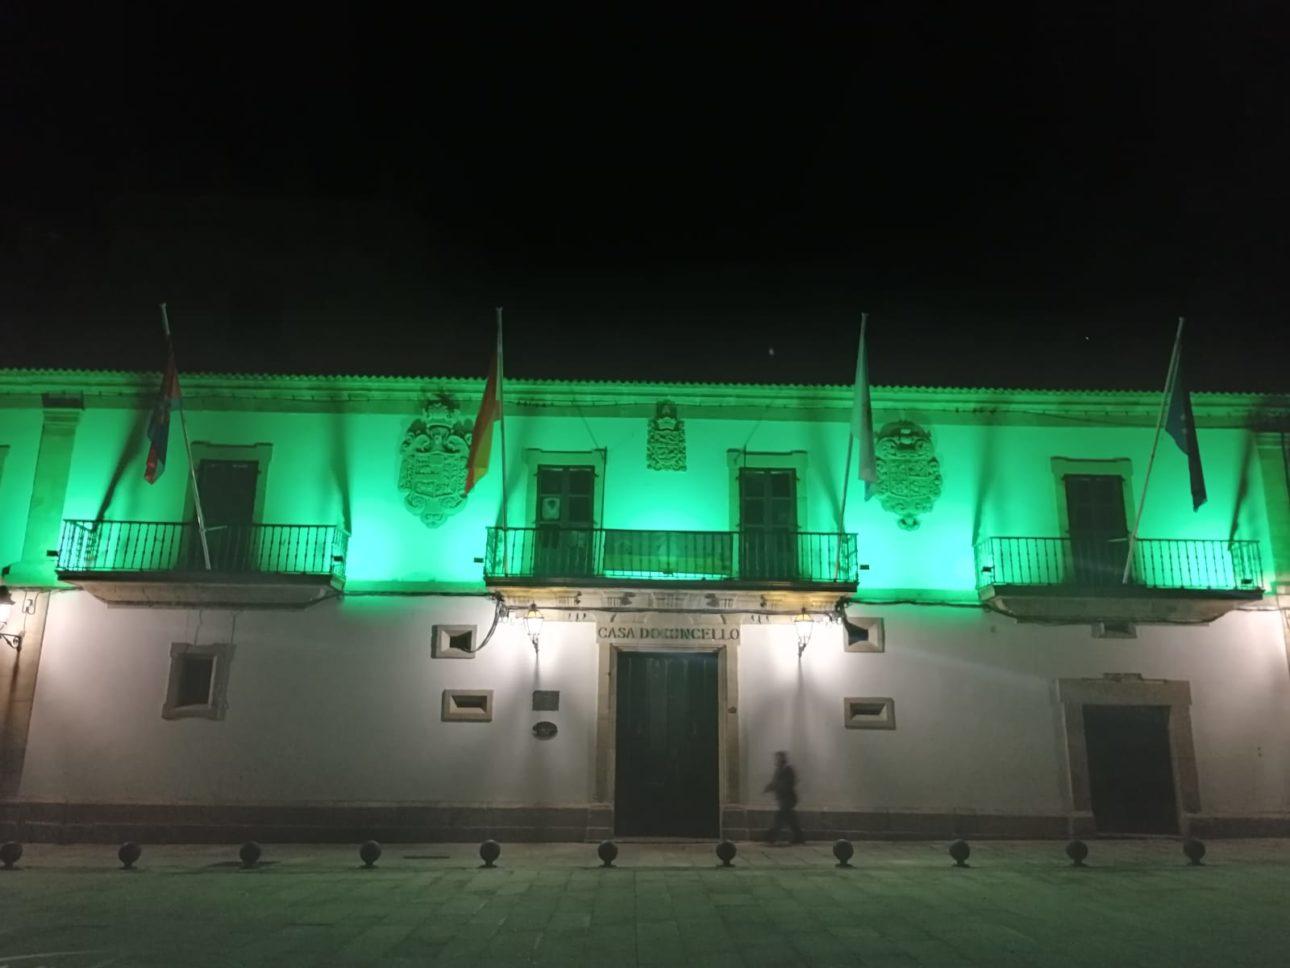 Concello de baiona iluminado de verde scaled Baiona